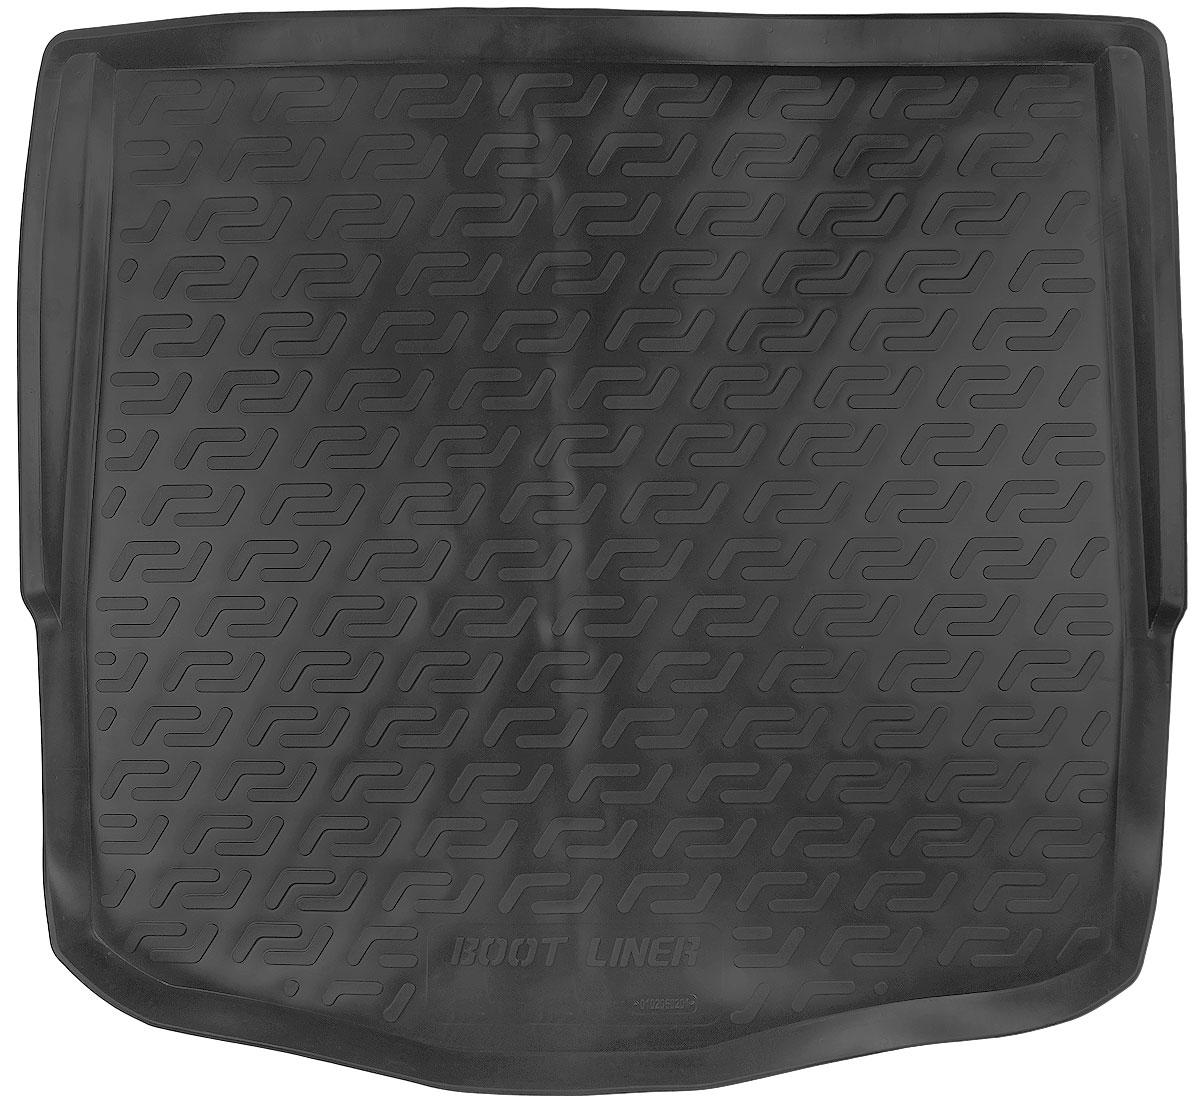 Коврик в багажник L.Locker, для Ford Mondeo sd (07-)0102060201Коврик L.Locker производится индивидуально для каждой модели автомобиля из современного и экологически чистого материала. Изделие точно повторяет геометрию пола автомобиля, имеет высокий борт, обладает повышенной износоустойчивостью, антискользящими свойствами, лишен резкого запаха и сохраняет свои потребительские свойства в широком диапазоне температур (от -50°С до +80°С).